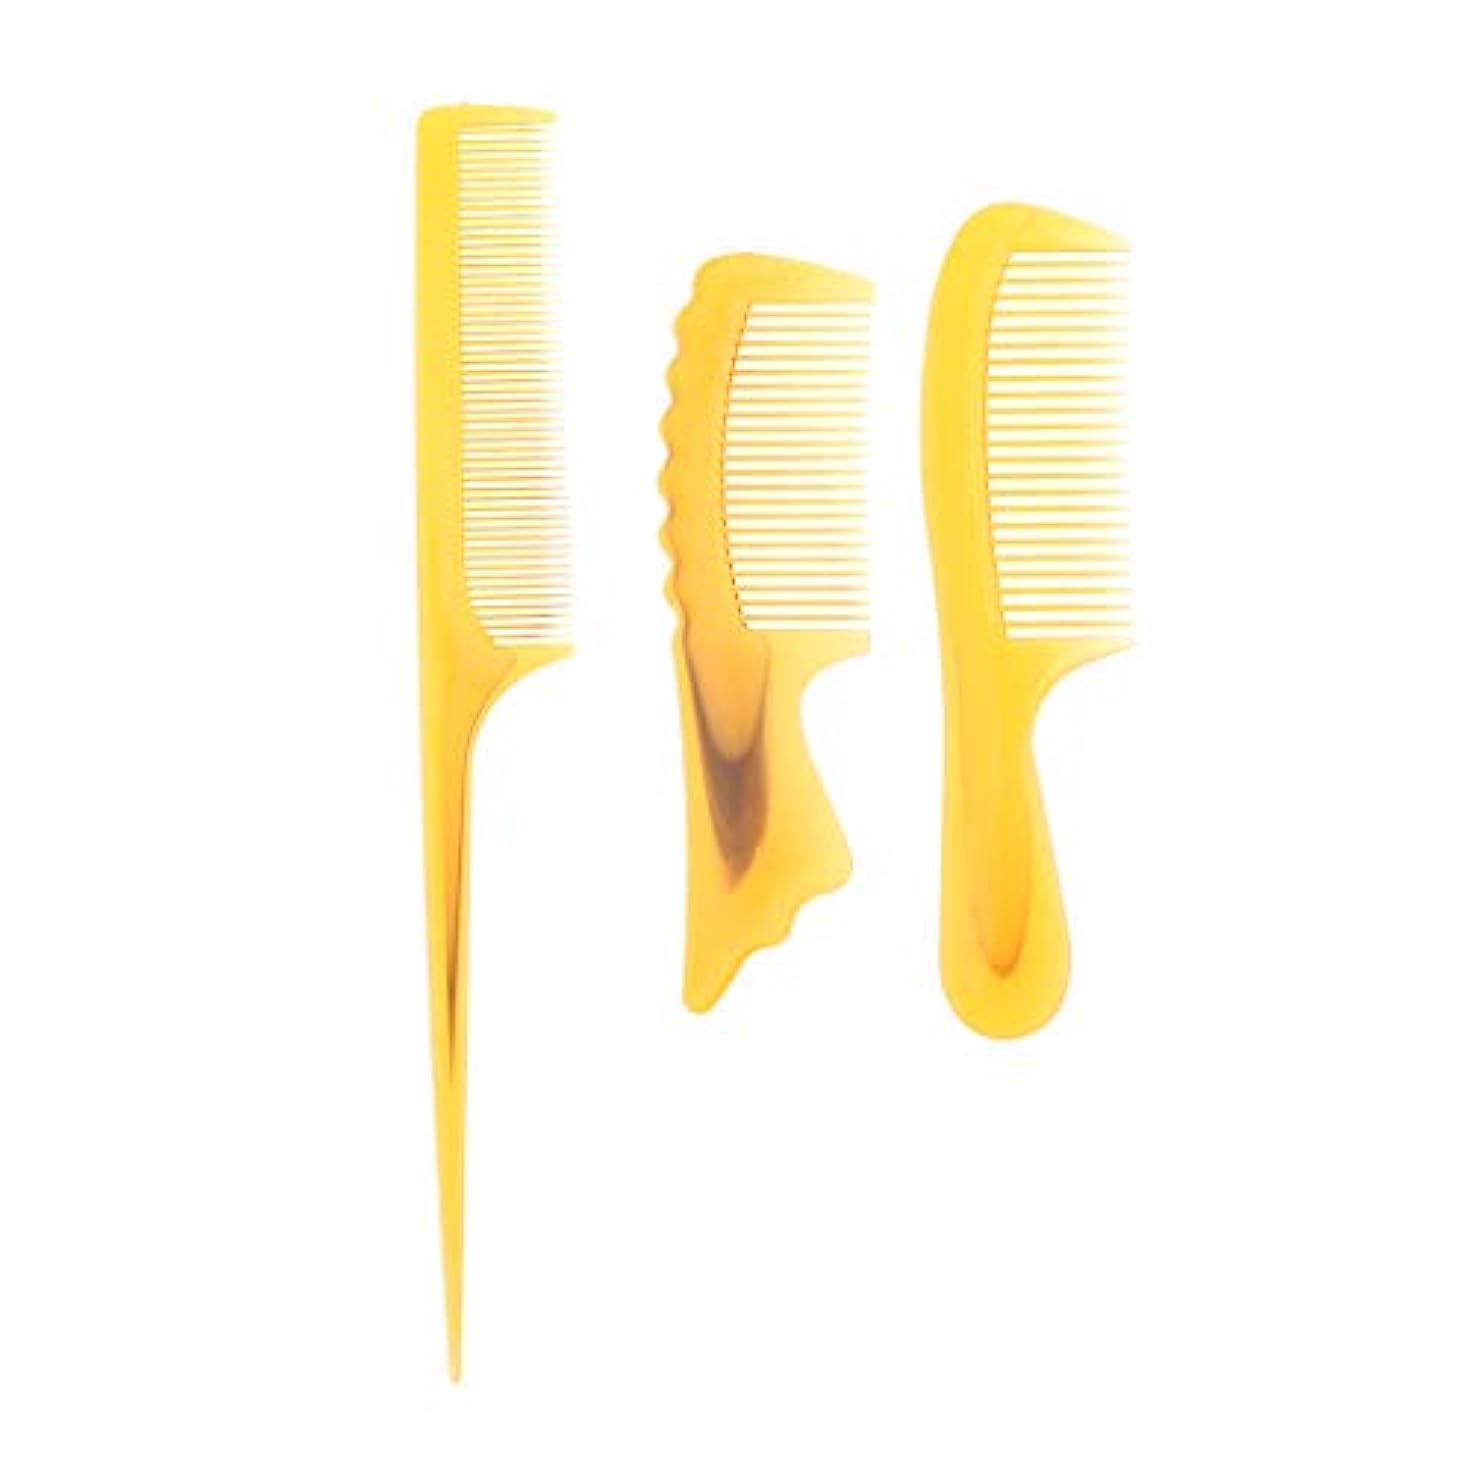 供給まっすぐにする場所F Fityle 3個 髪の櫛 静電防止櫛 ヘアブラシ ヘアコーム コーム